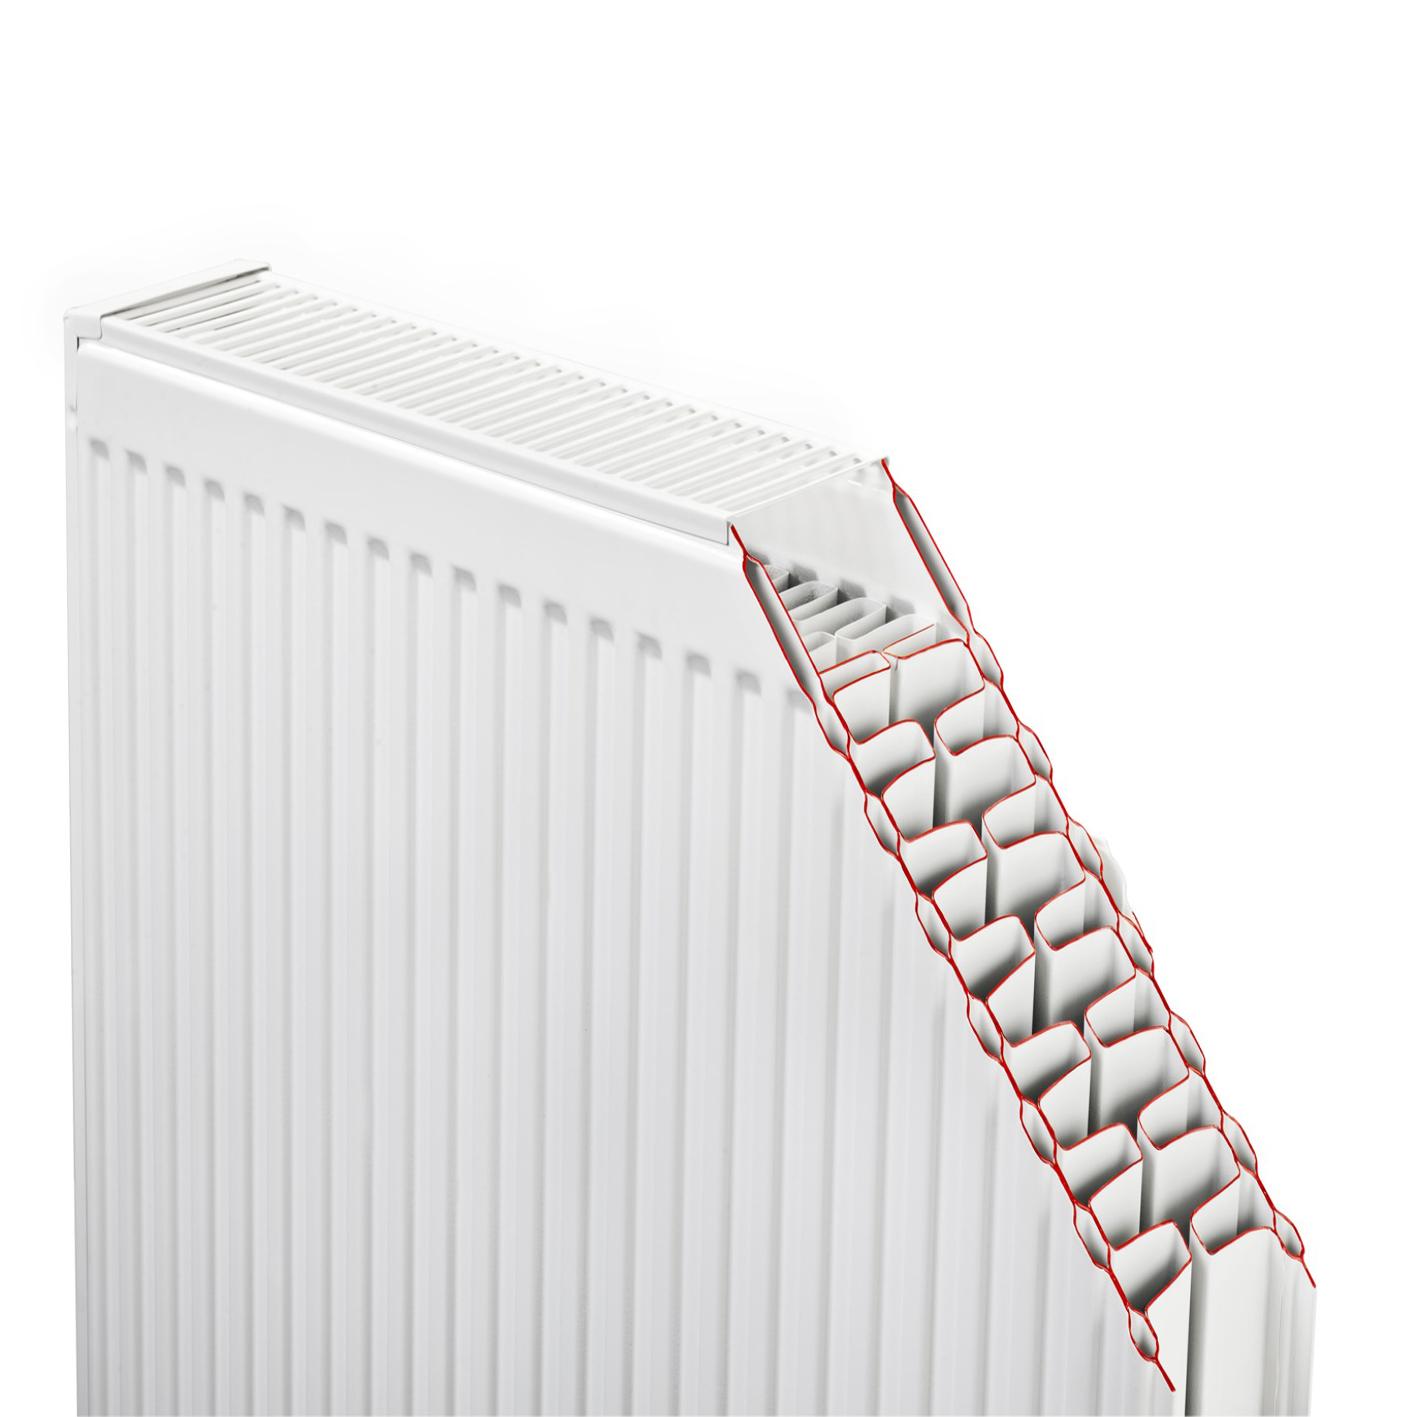 Dlüx 600x1000 Panel Radyatör